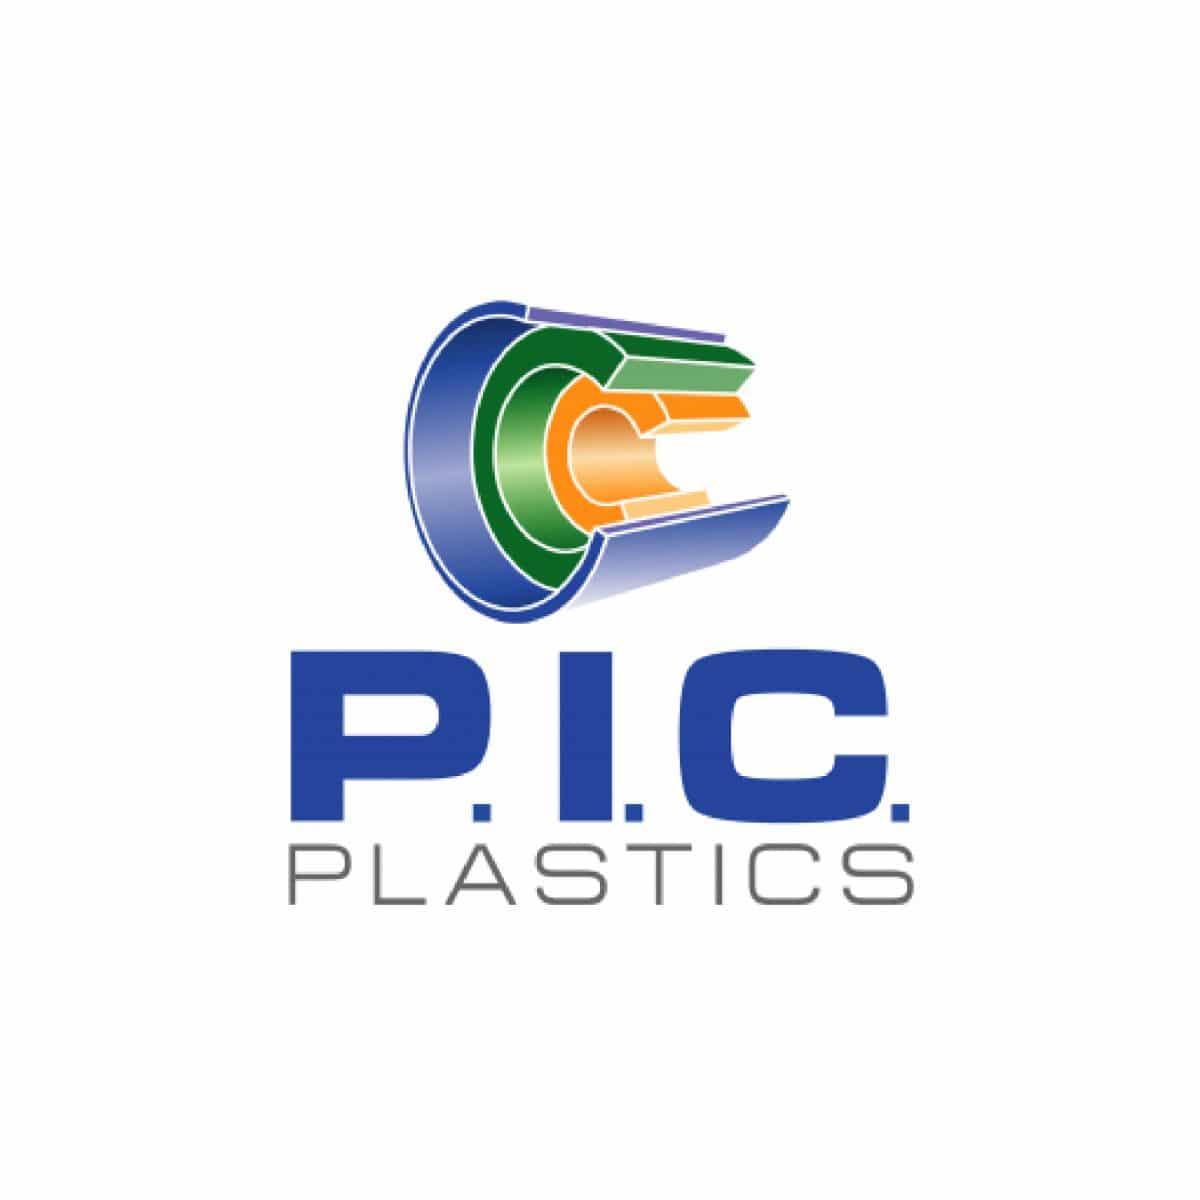 PIC Plastics, Inc.